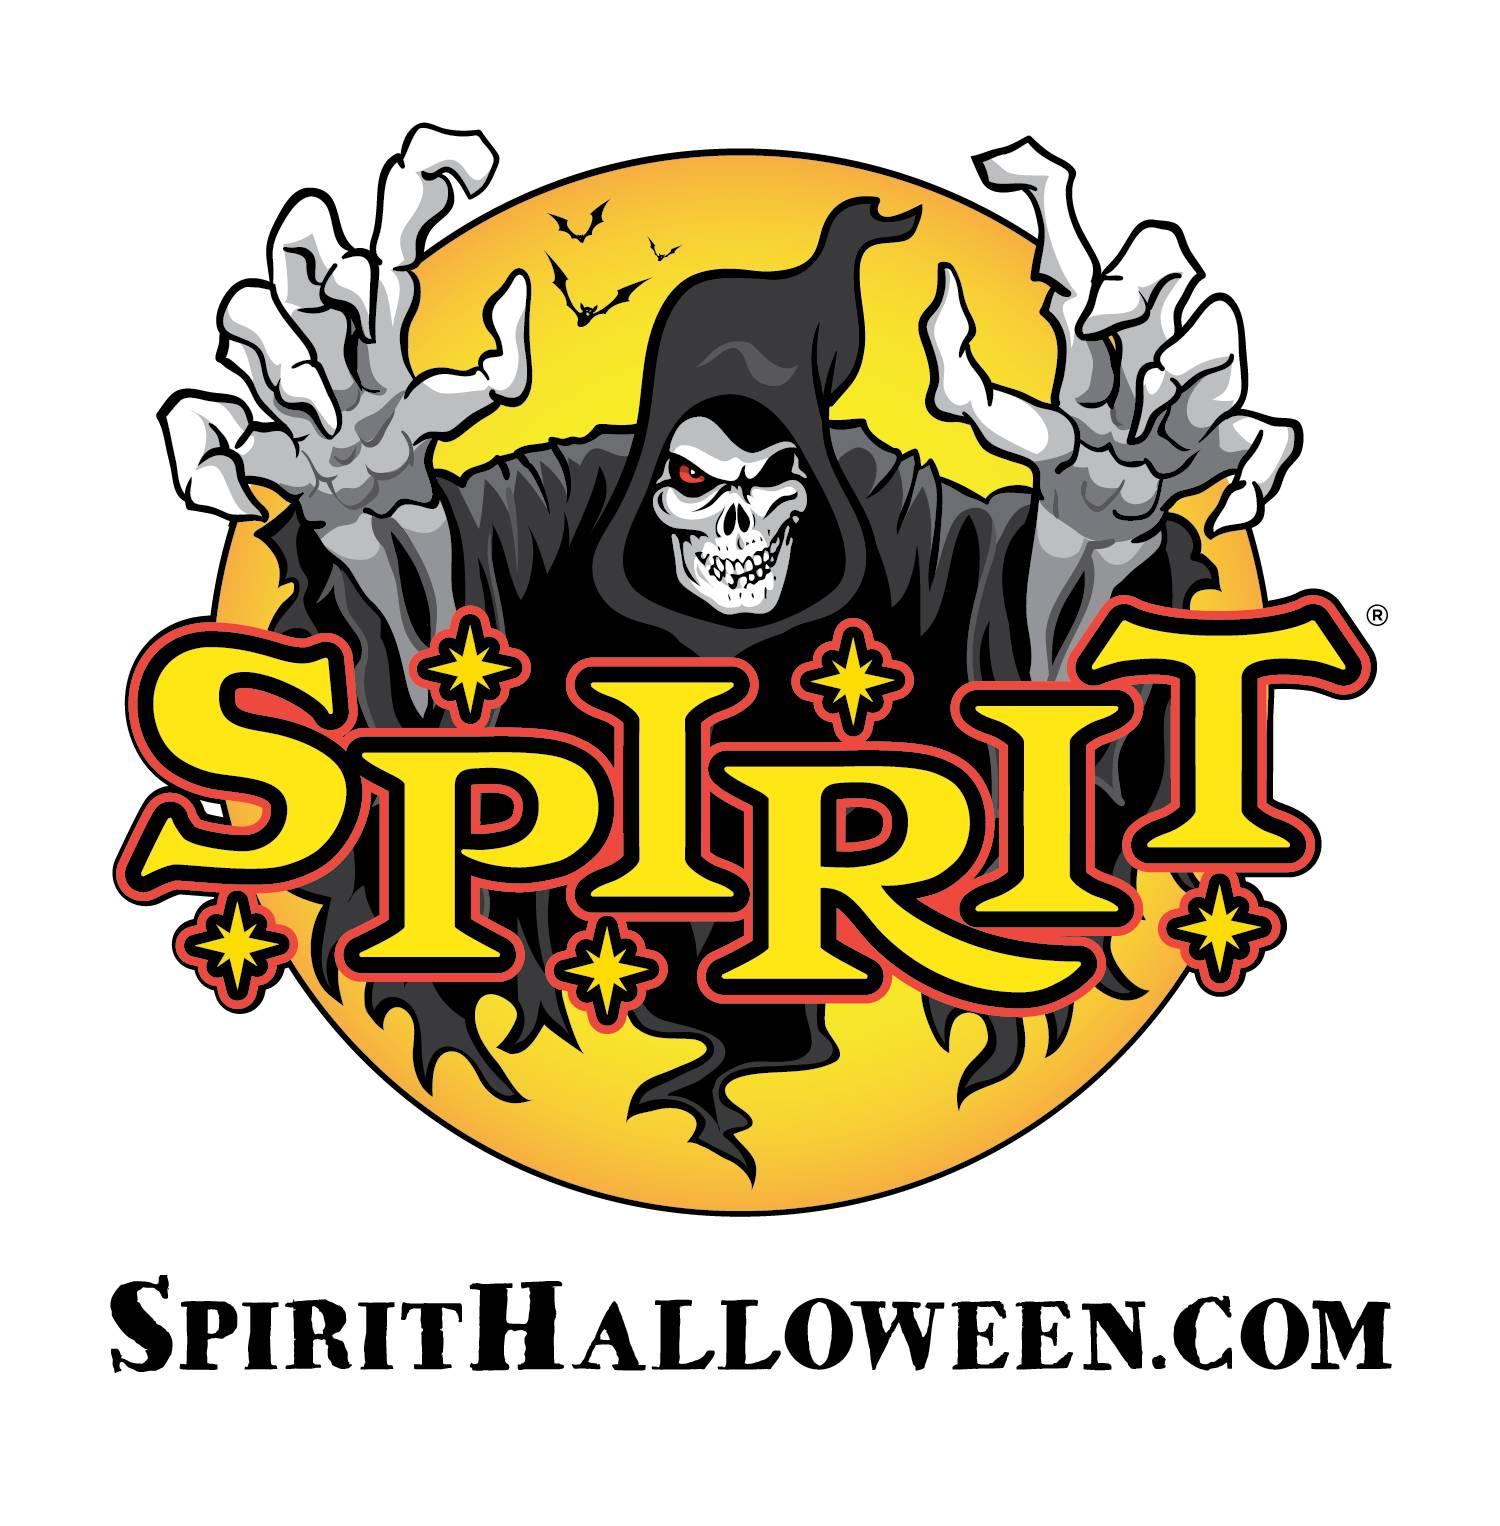 press room > logos & photos - spirithalloween